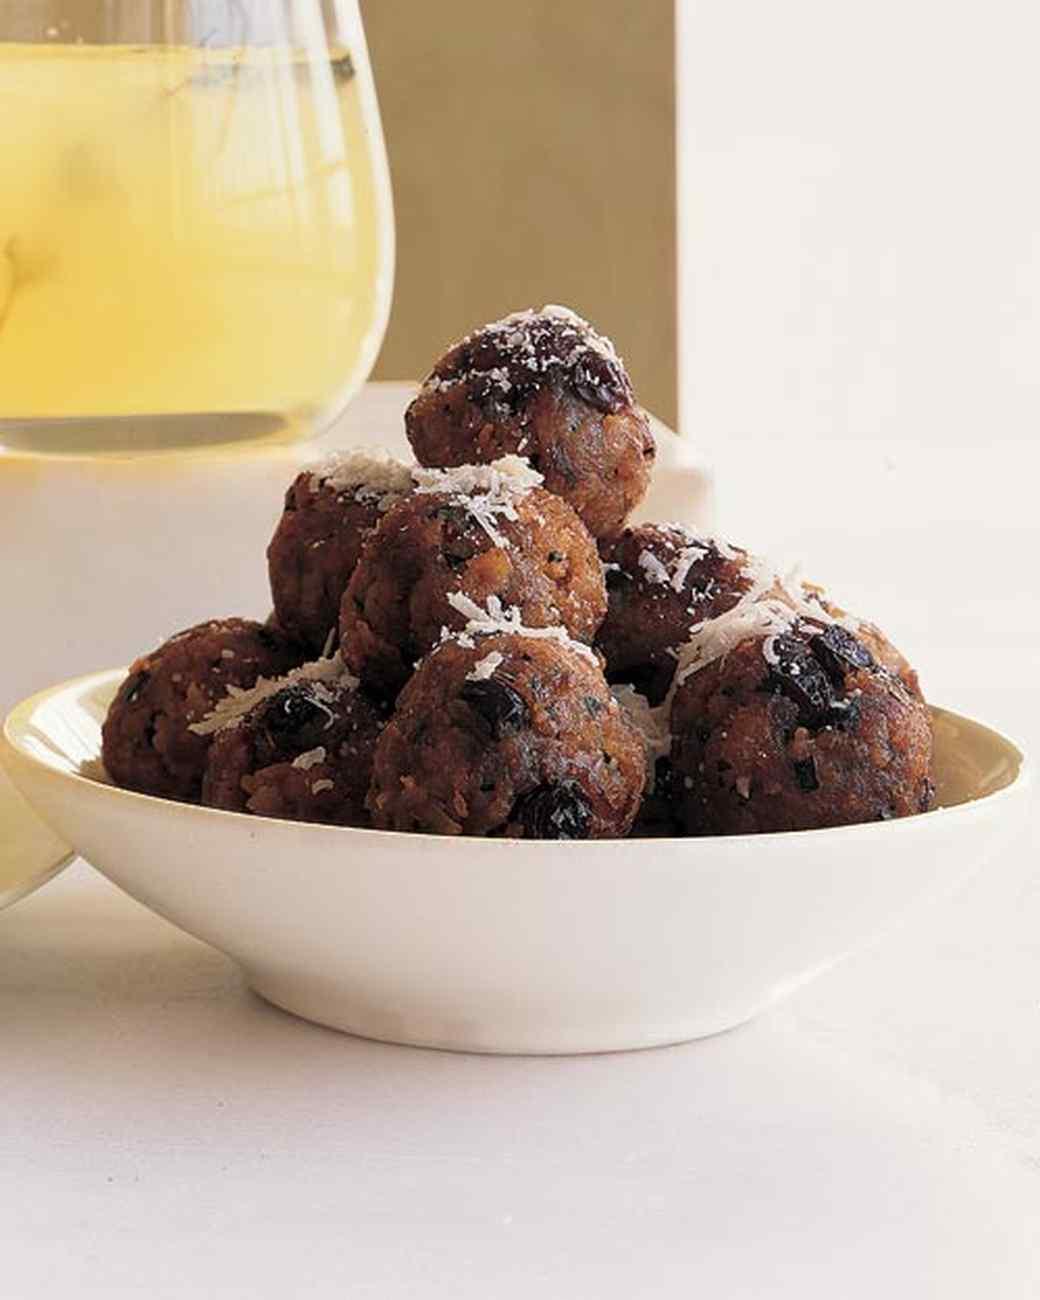 ml0703welc08_0703_parmesan_dusted_meatballs.jpg